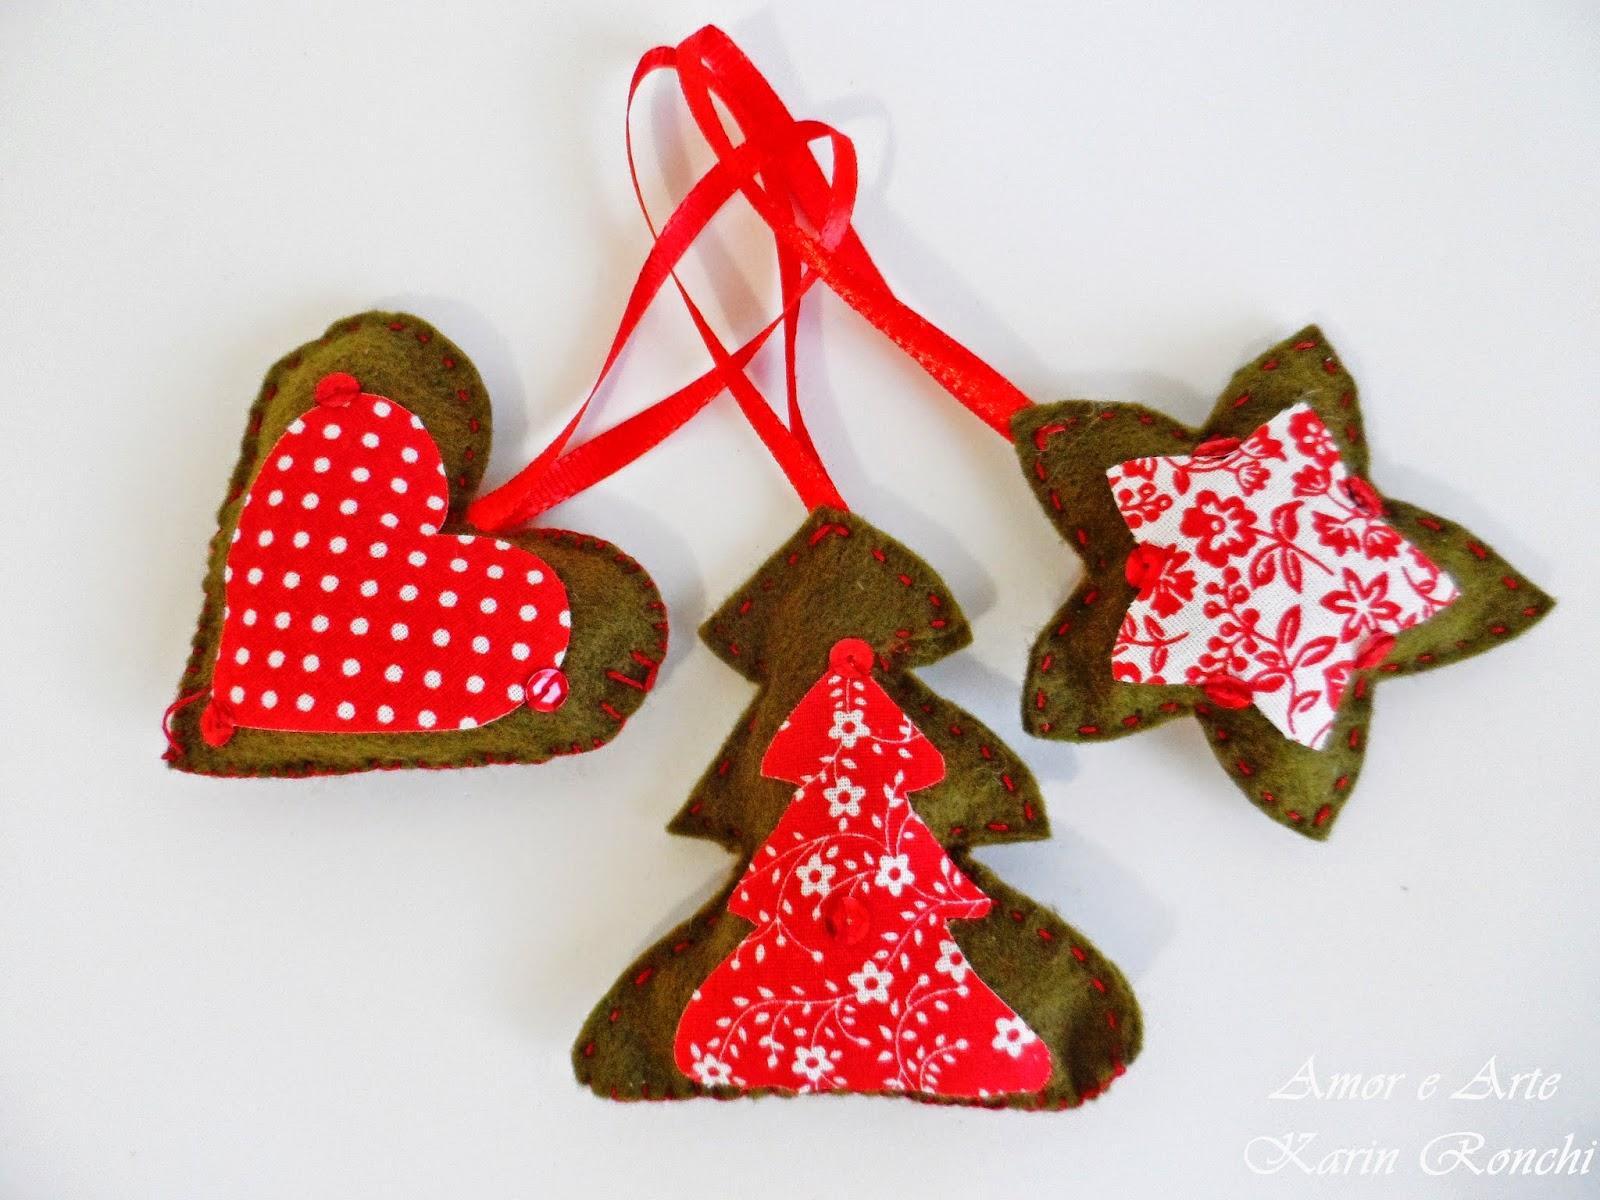 Ornamentos natalinos em feltro - verde e vermelho